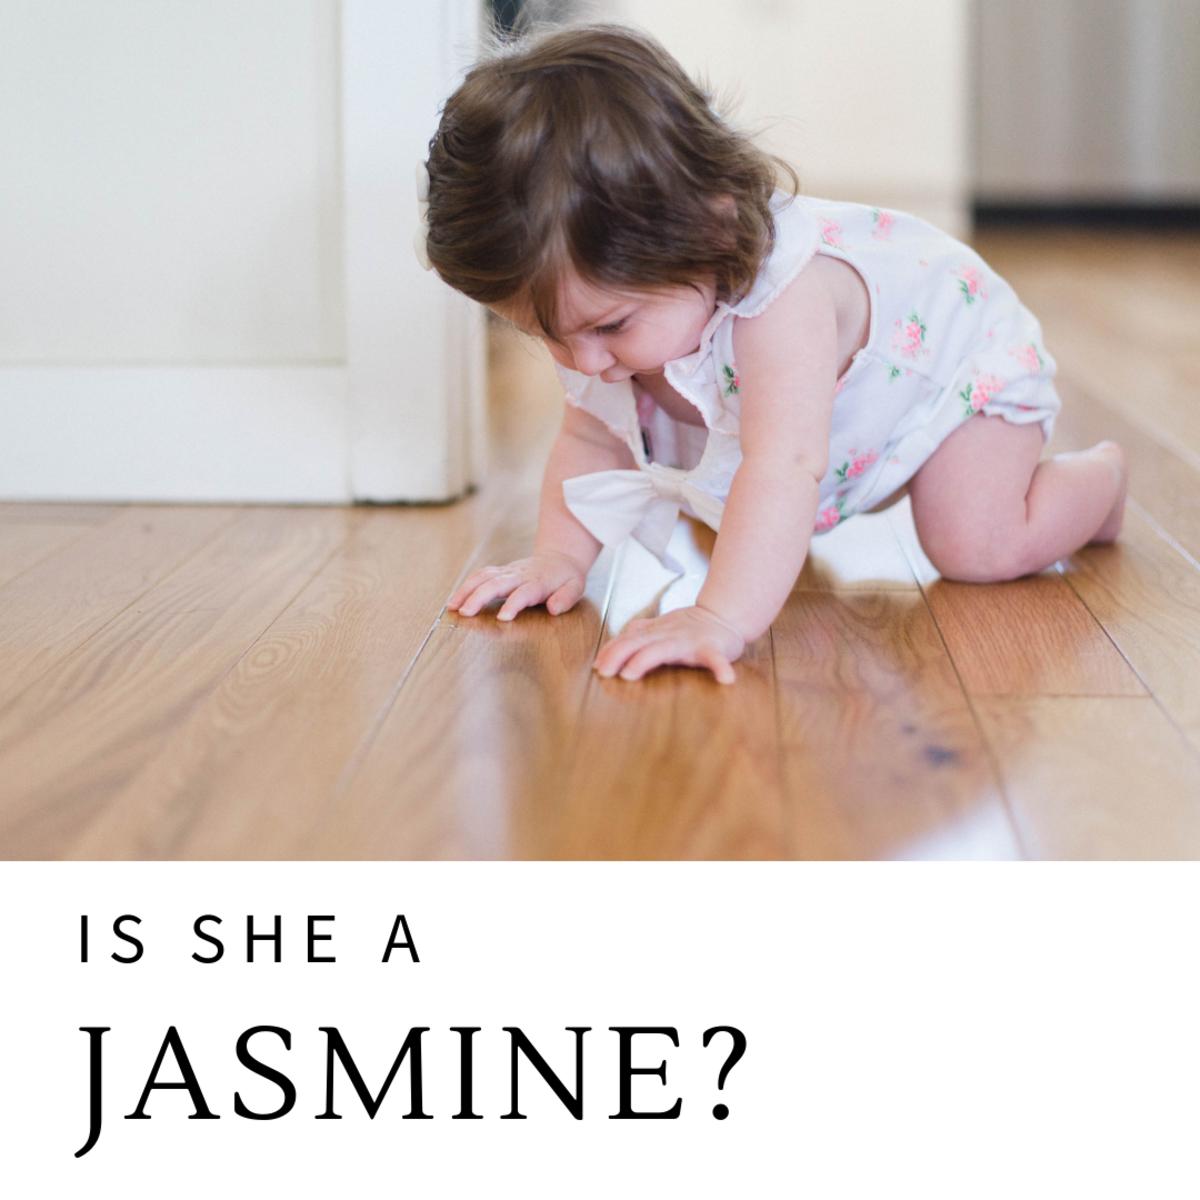 Is she a Jasmine?